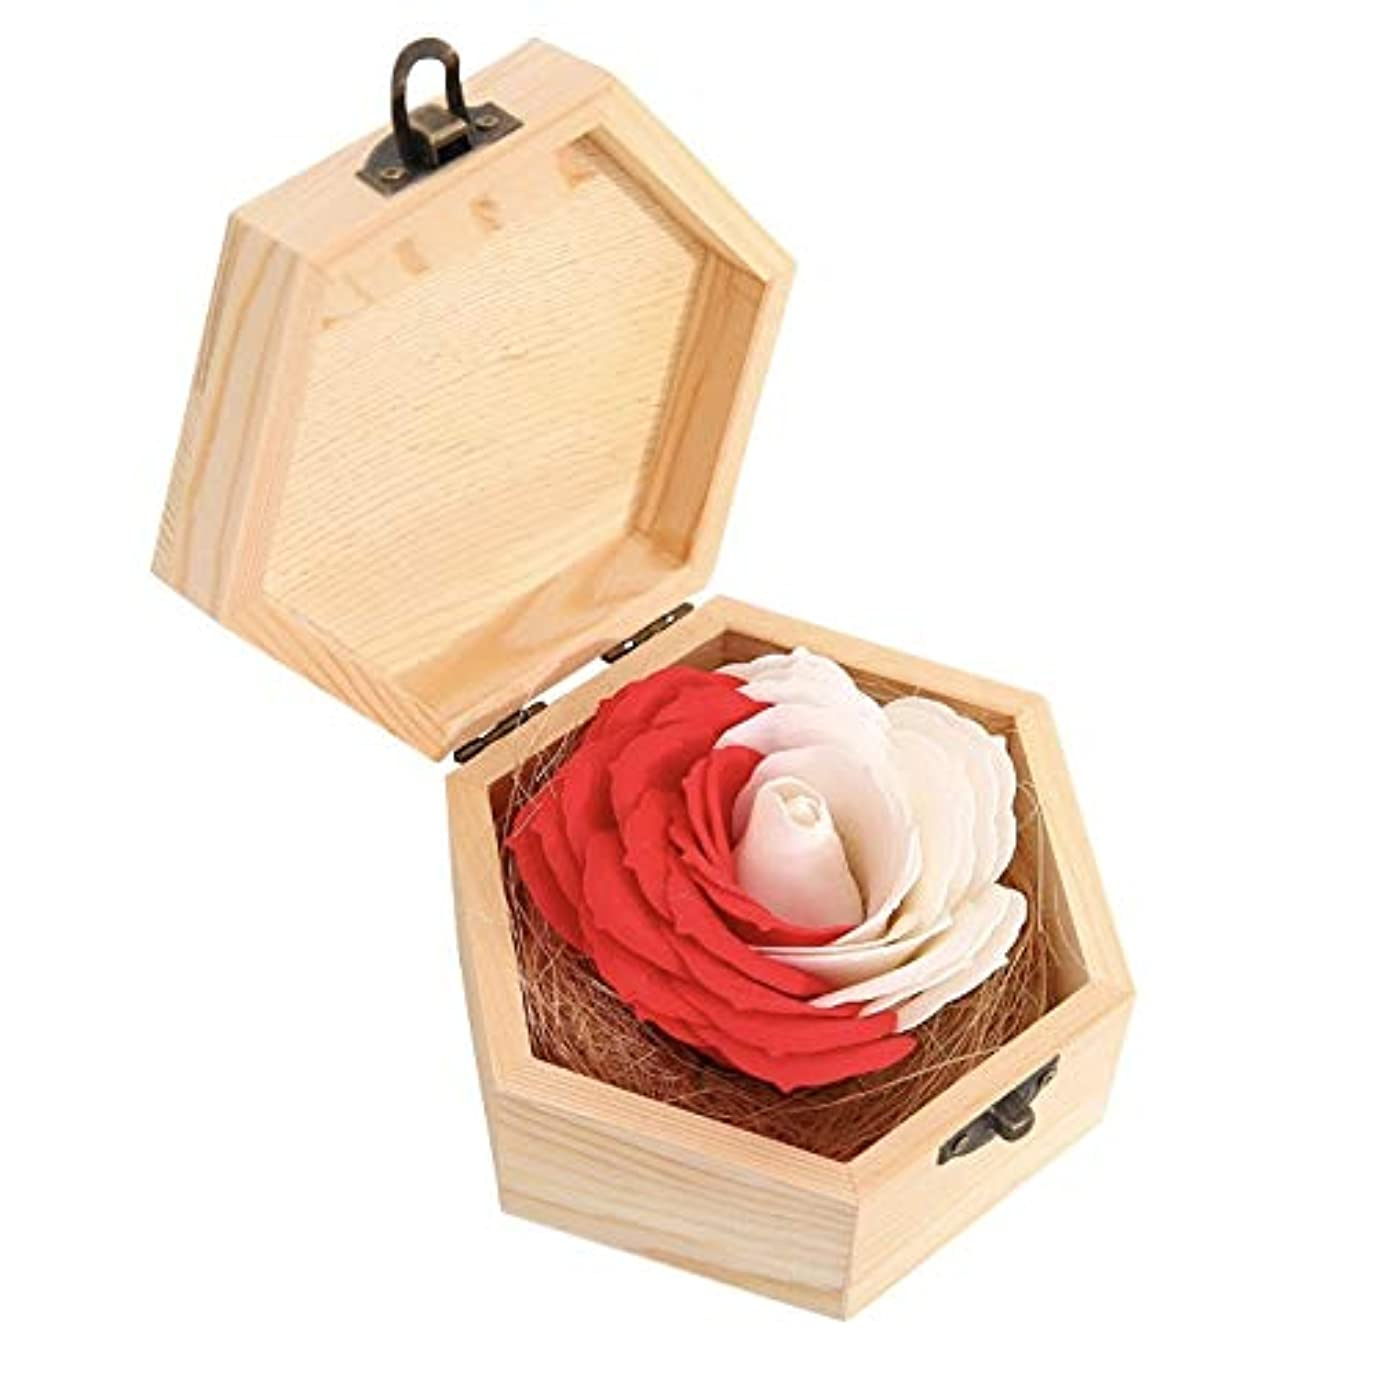 原子炉恵み値下げタイガーリー。 バスソープ 花 バラ クリエイティブギフト 木製ボックス付き パーティー用品 レッド